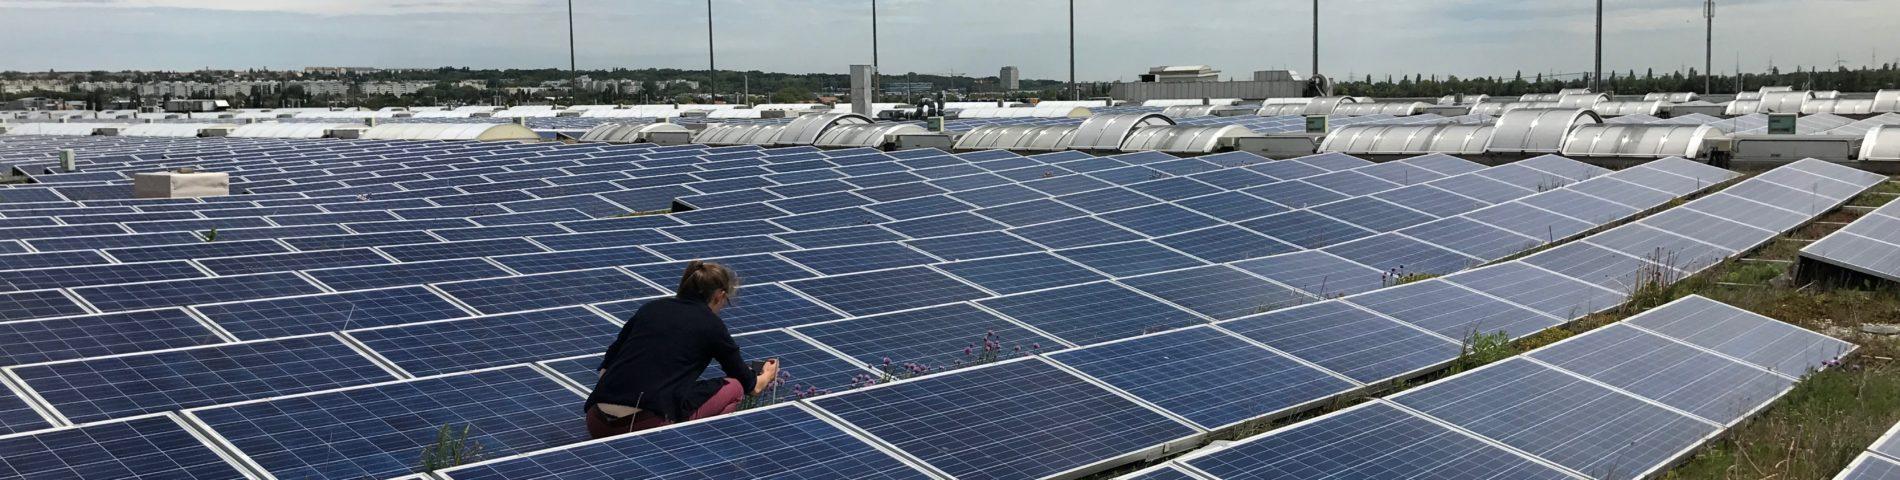 Photovoltaikanlage auf einem extensiv begrünten Dach